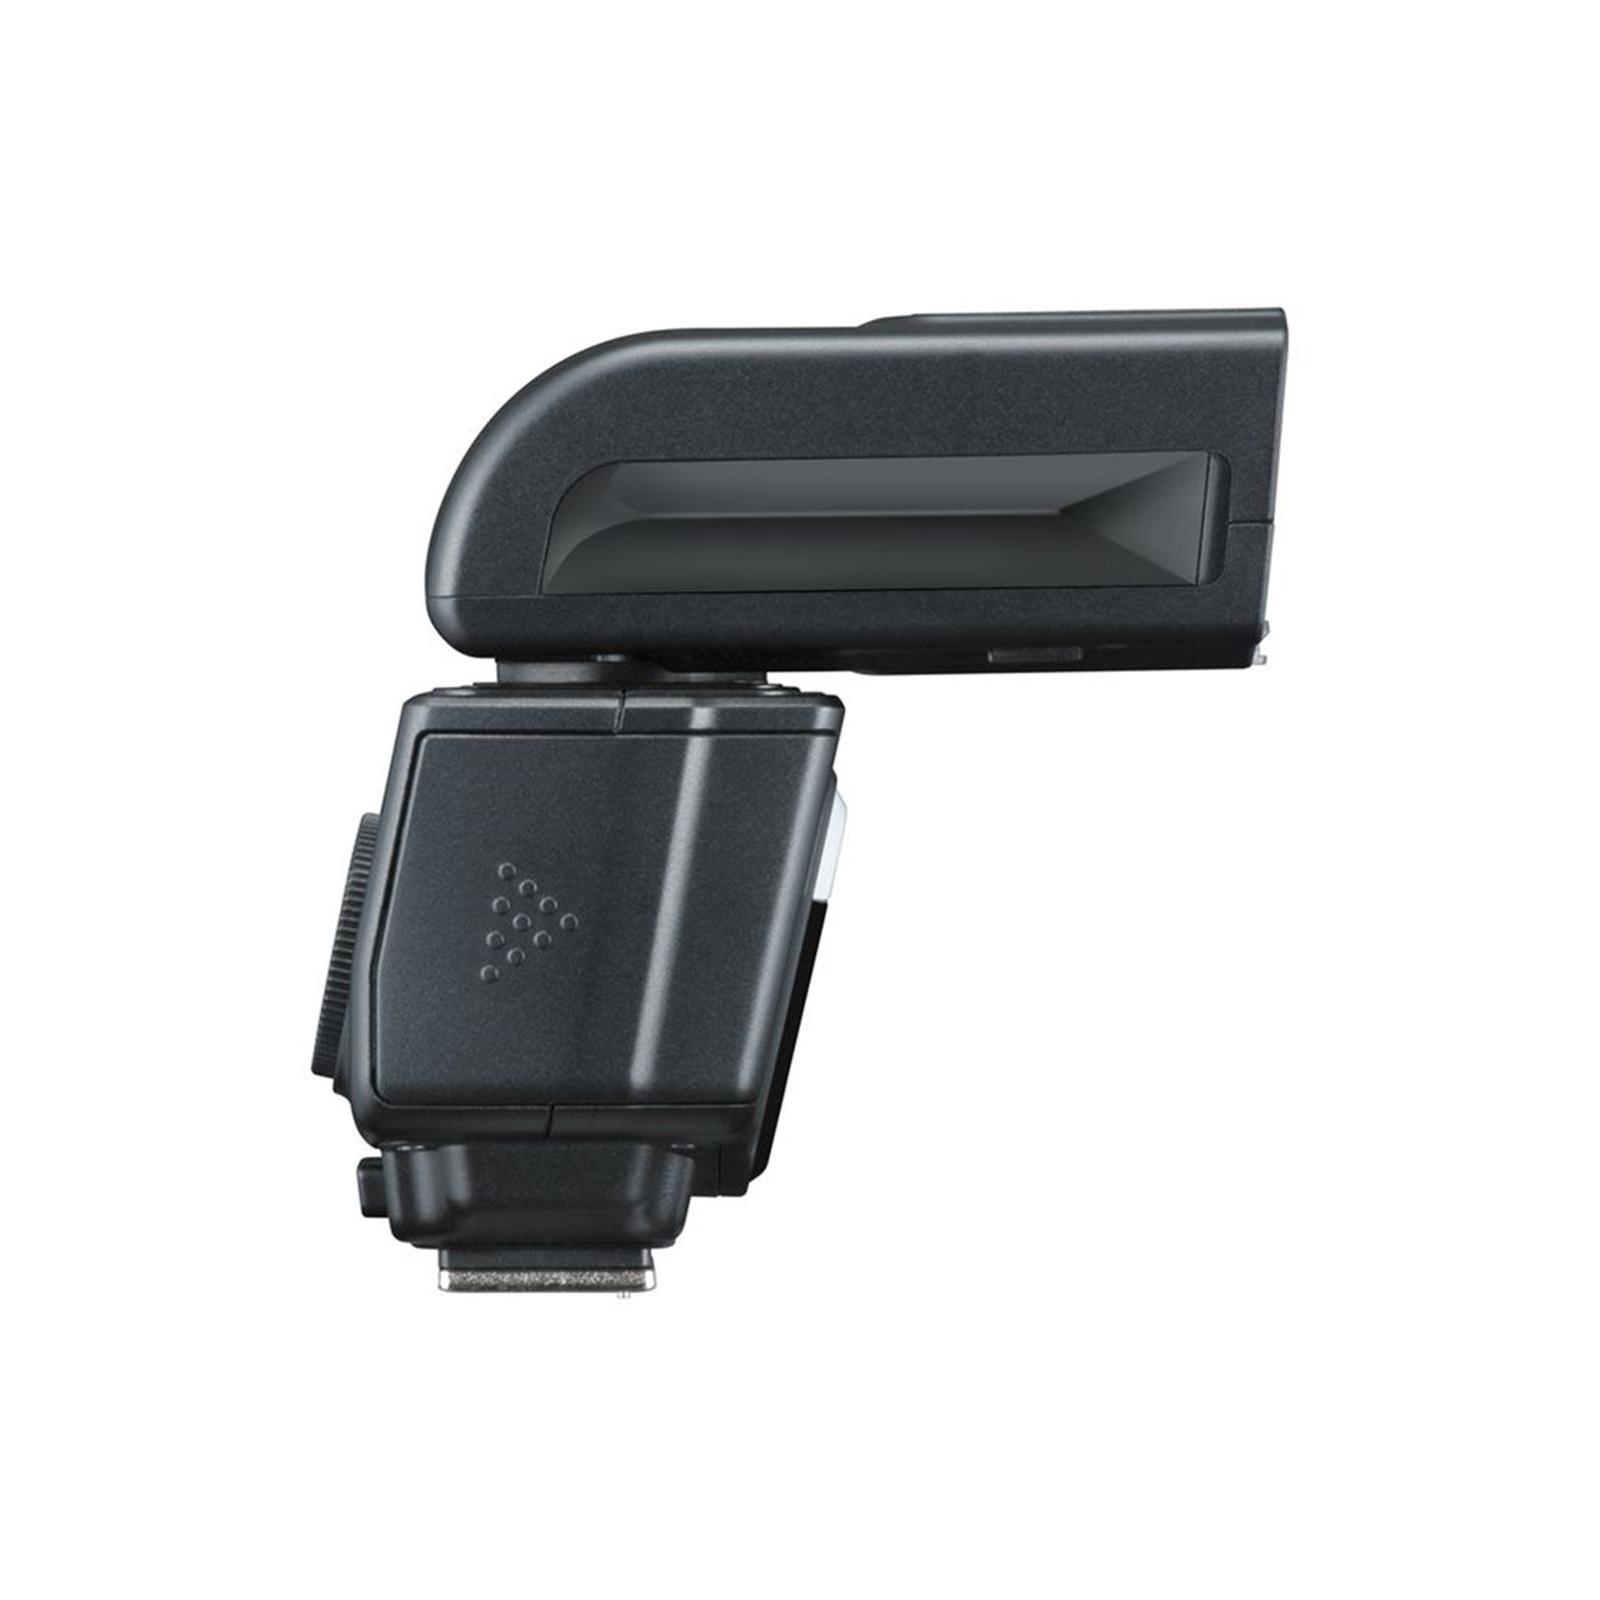 Вспышка Nissin Speedlite i40 Fujifilm (N081) изображение 3